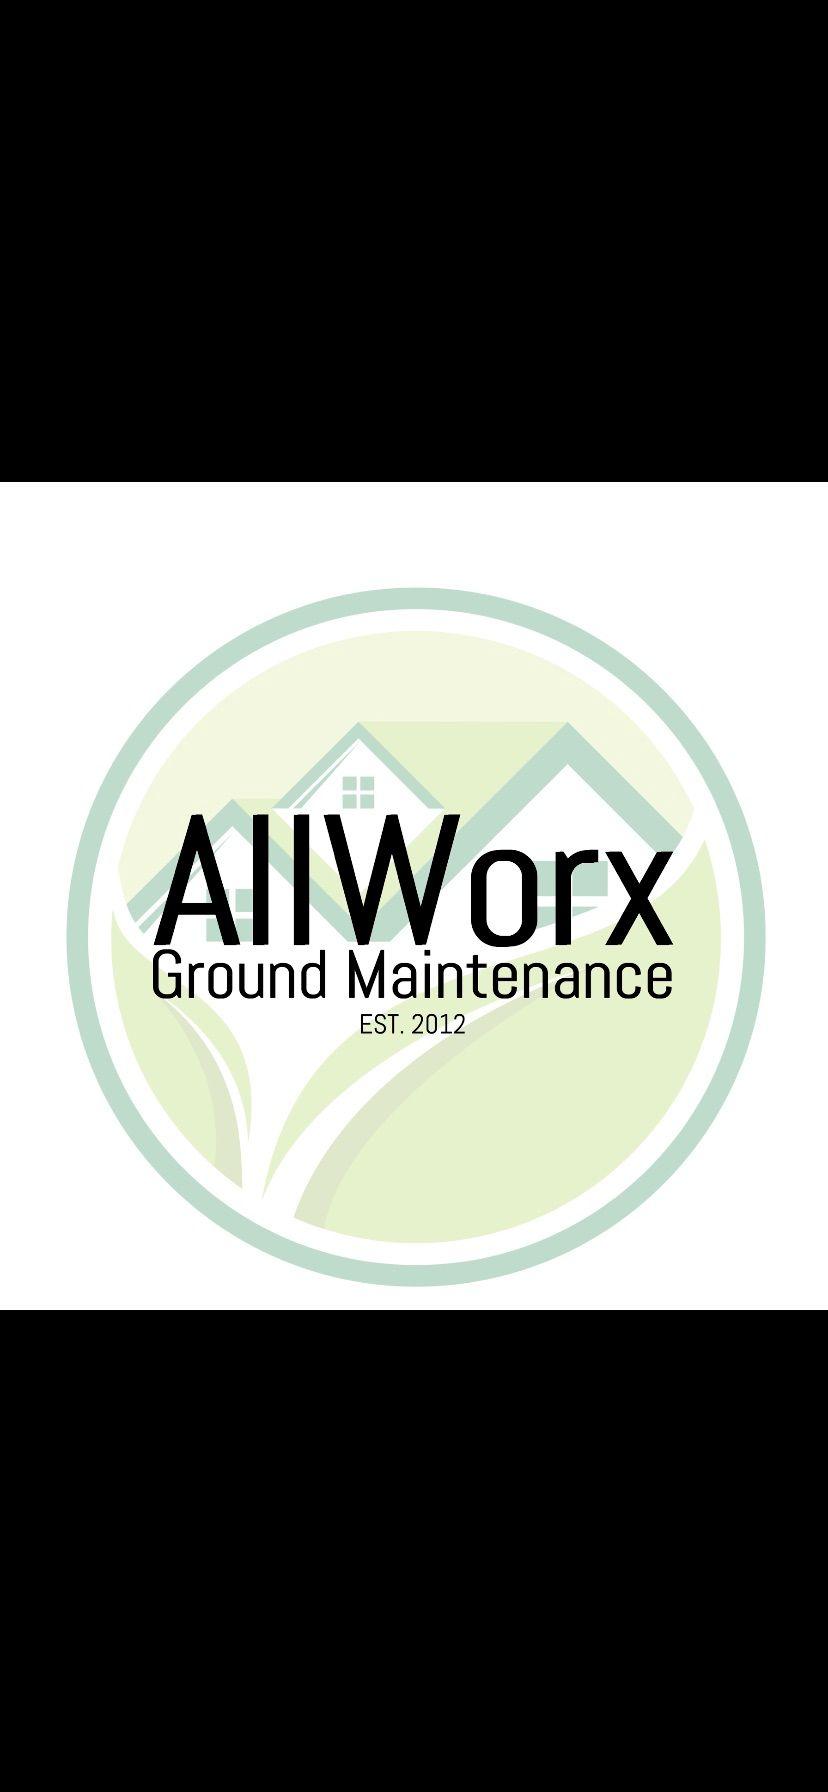 AllWorx Ground Maintenance